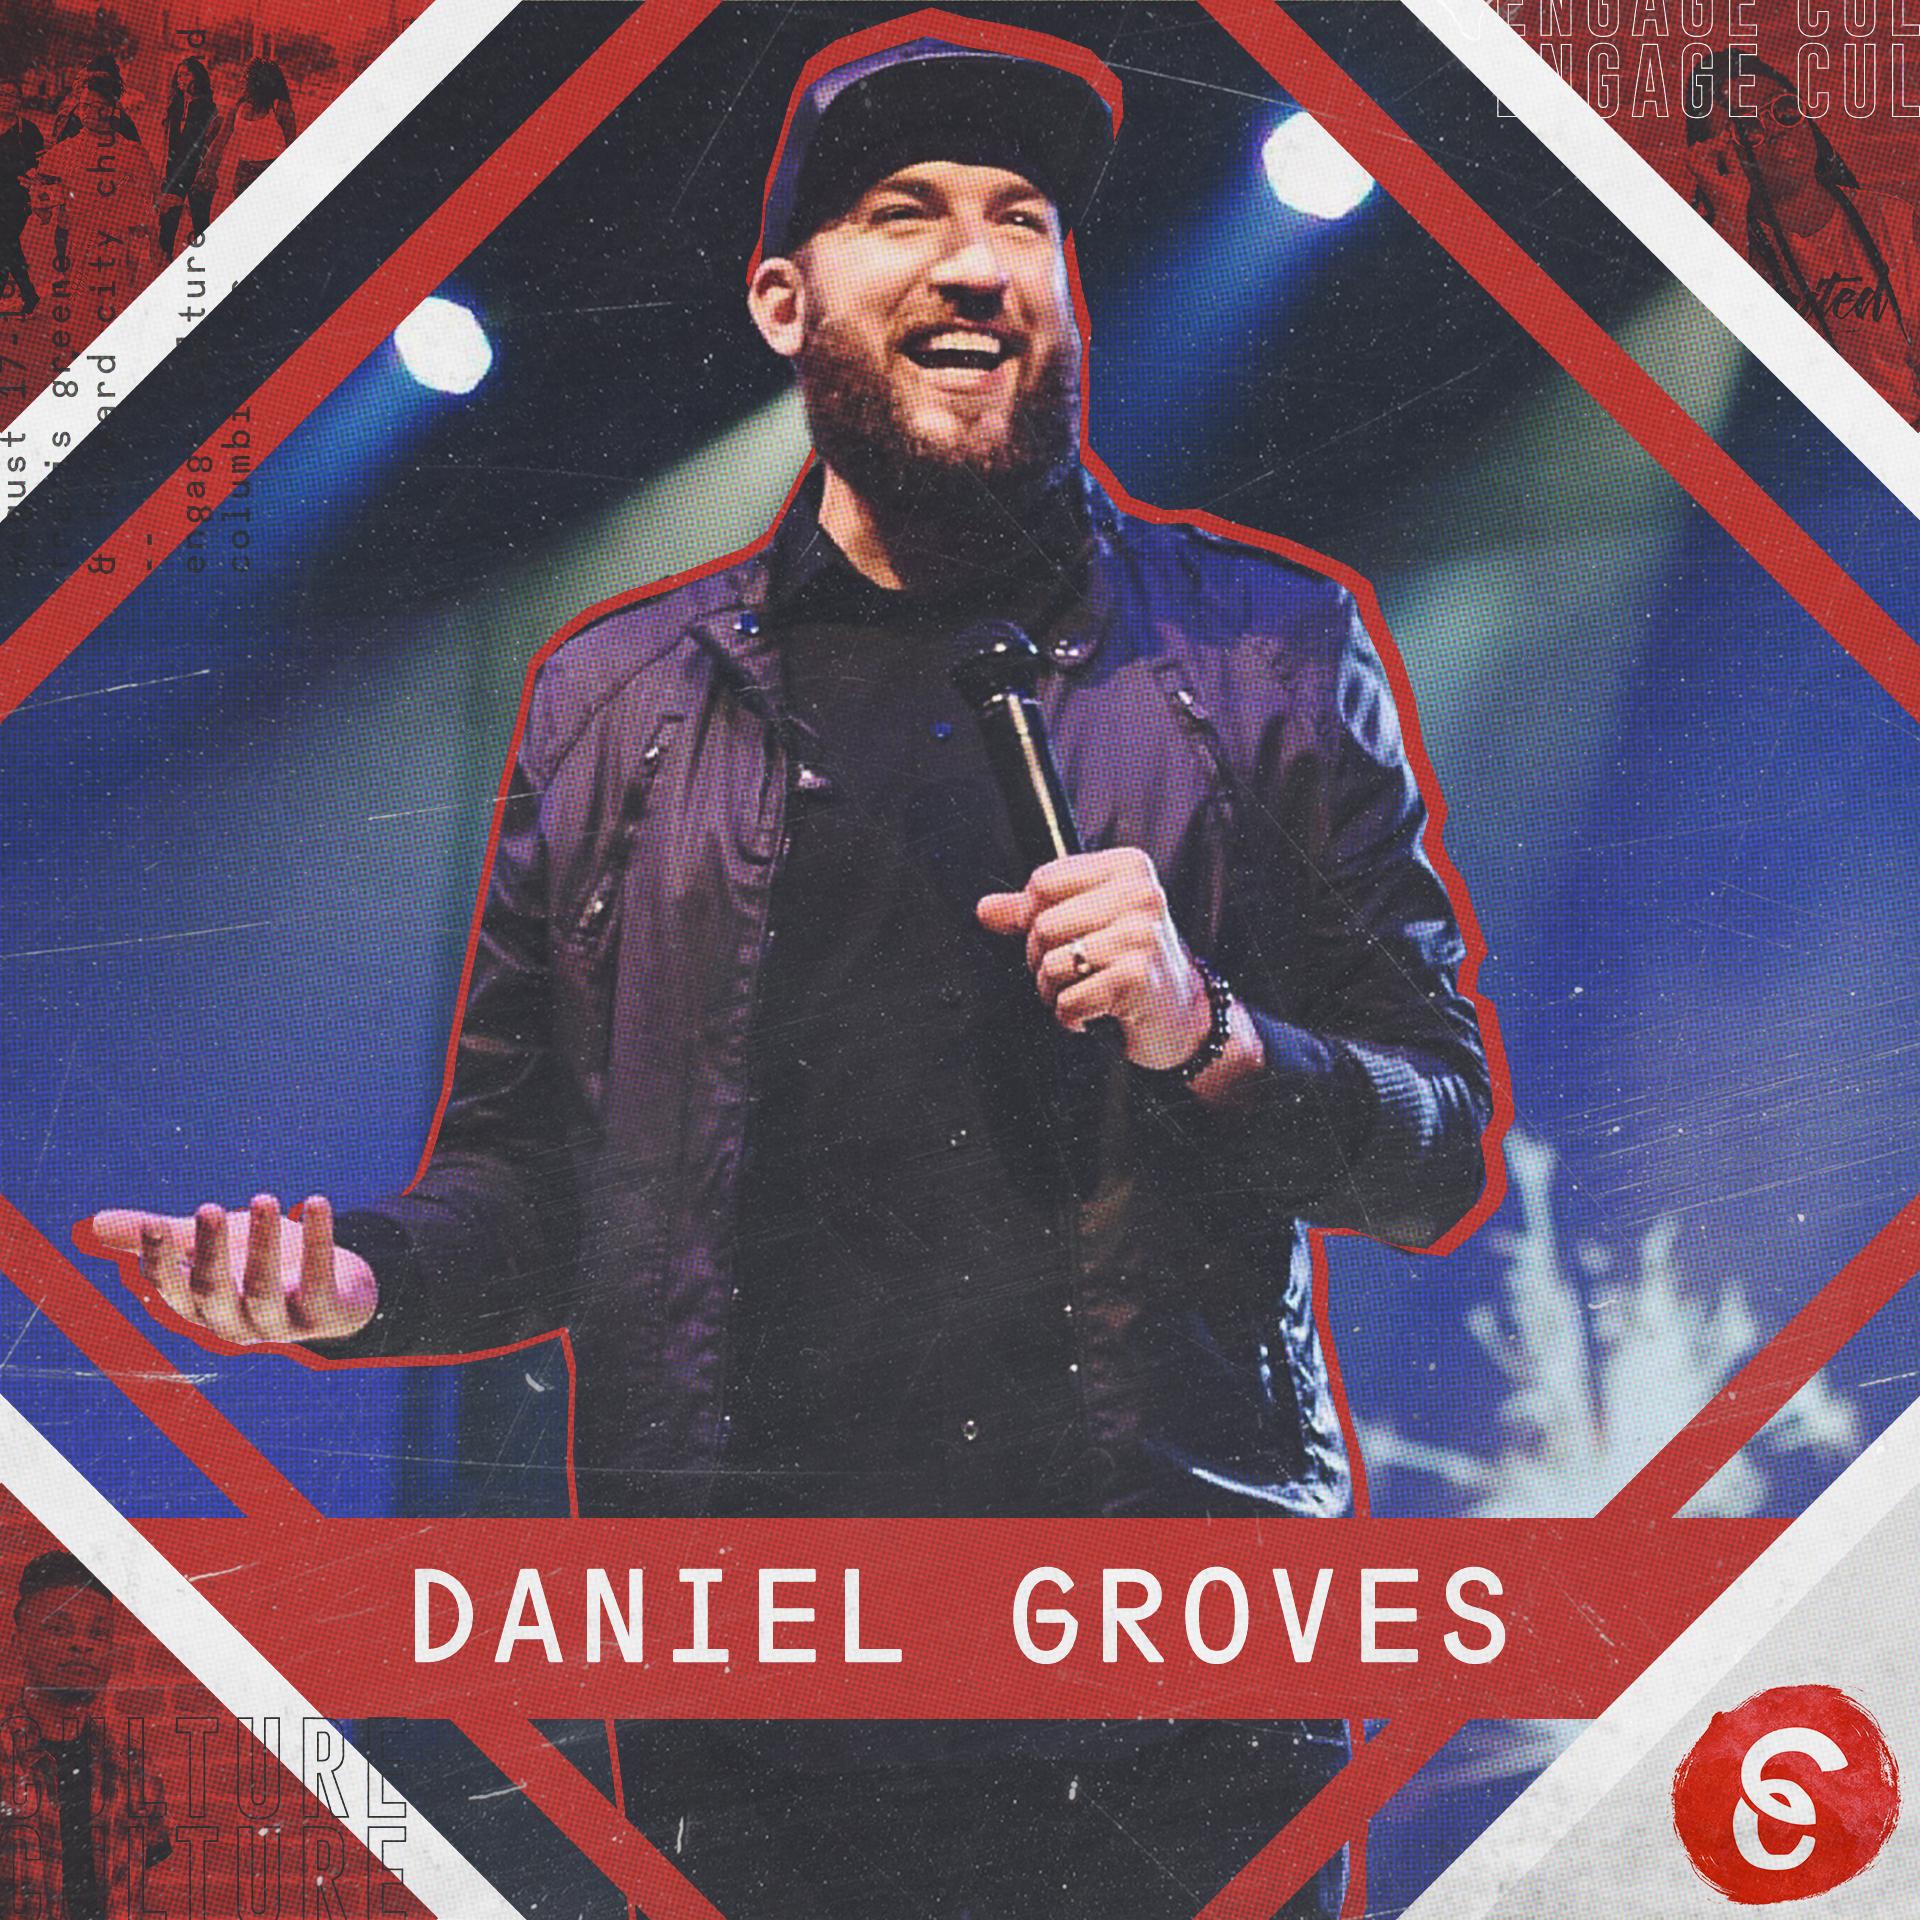 EC_1920x1920_Daniel-Groves.jpg